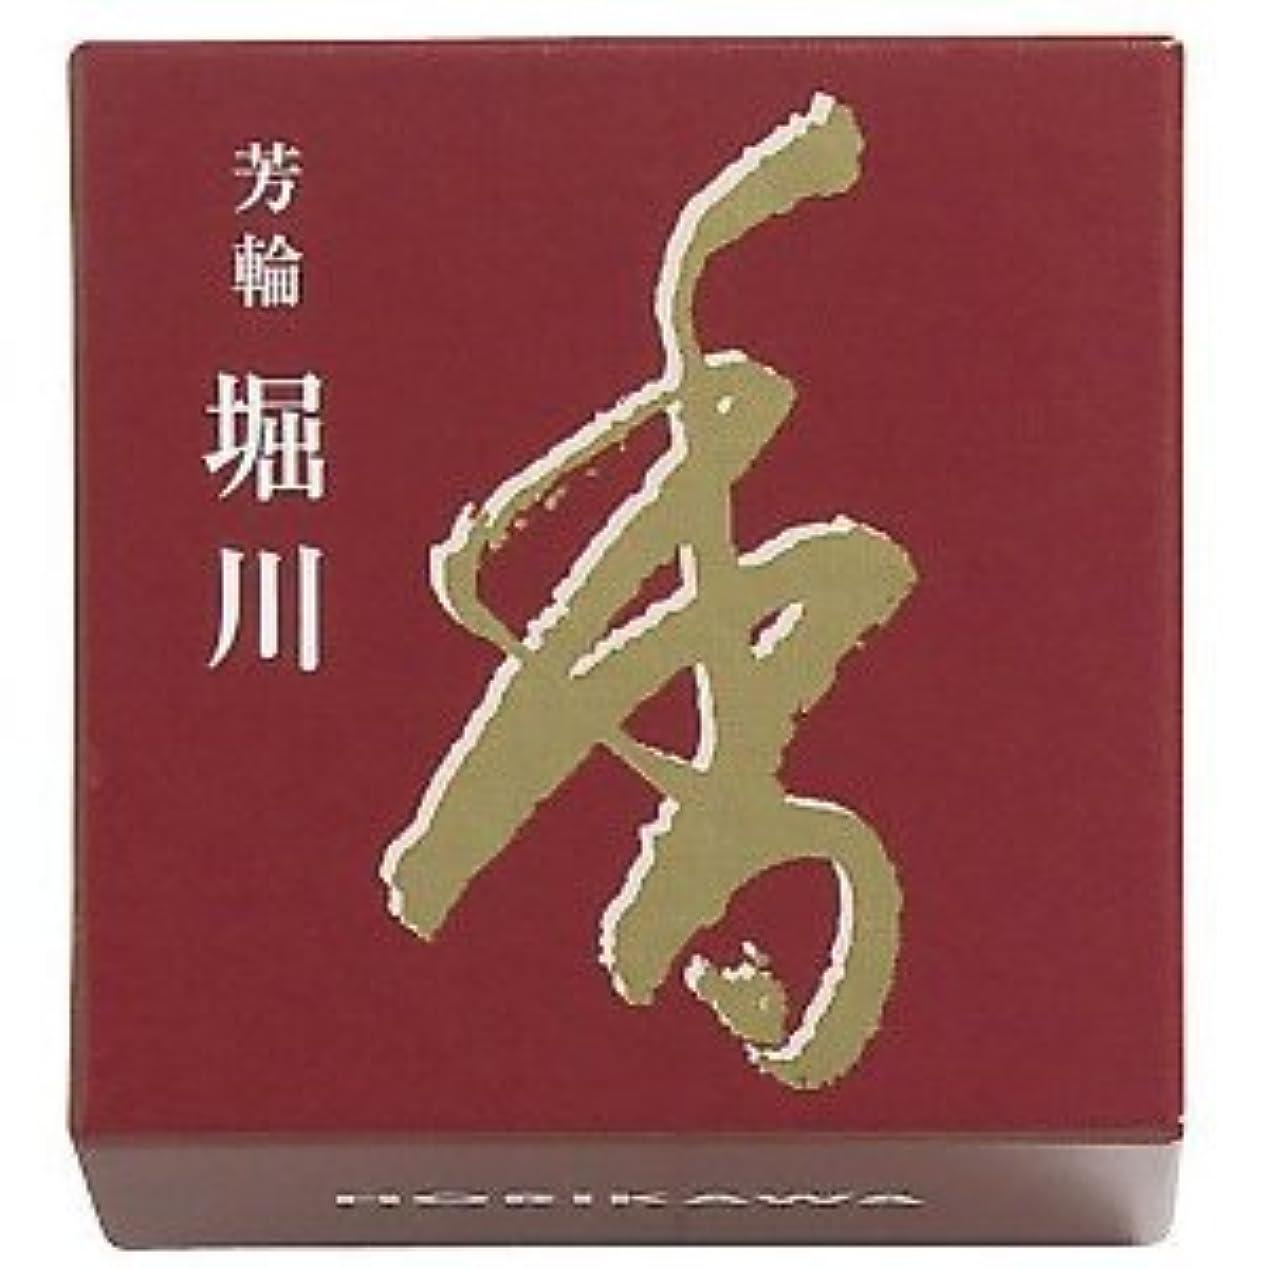 ベット避けられない火炎松栄堂 芳輪 堀川 渦巻型10枚入